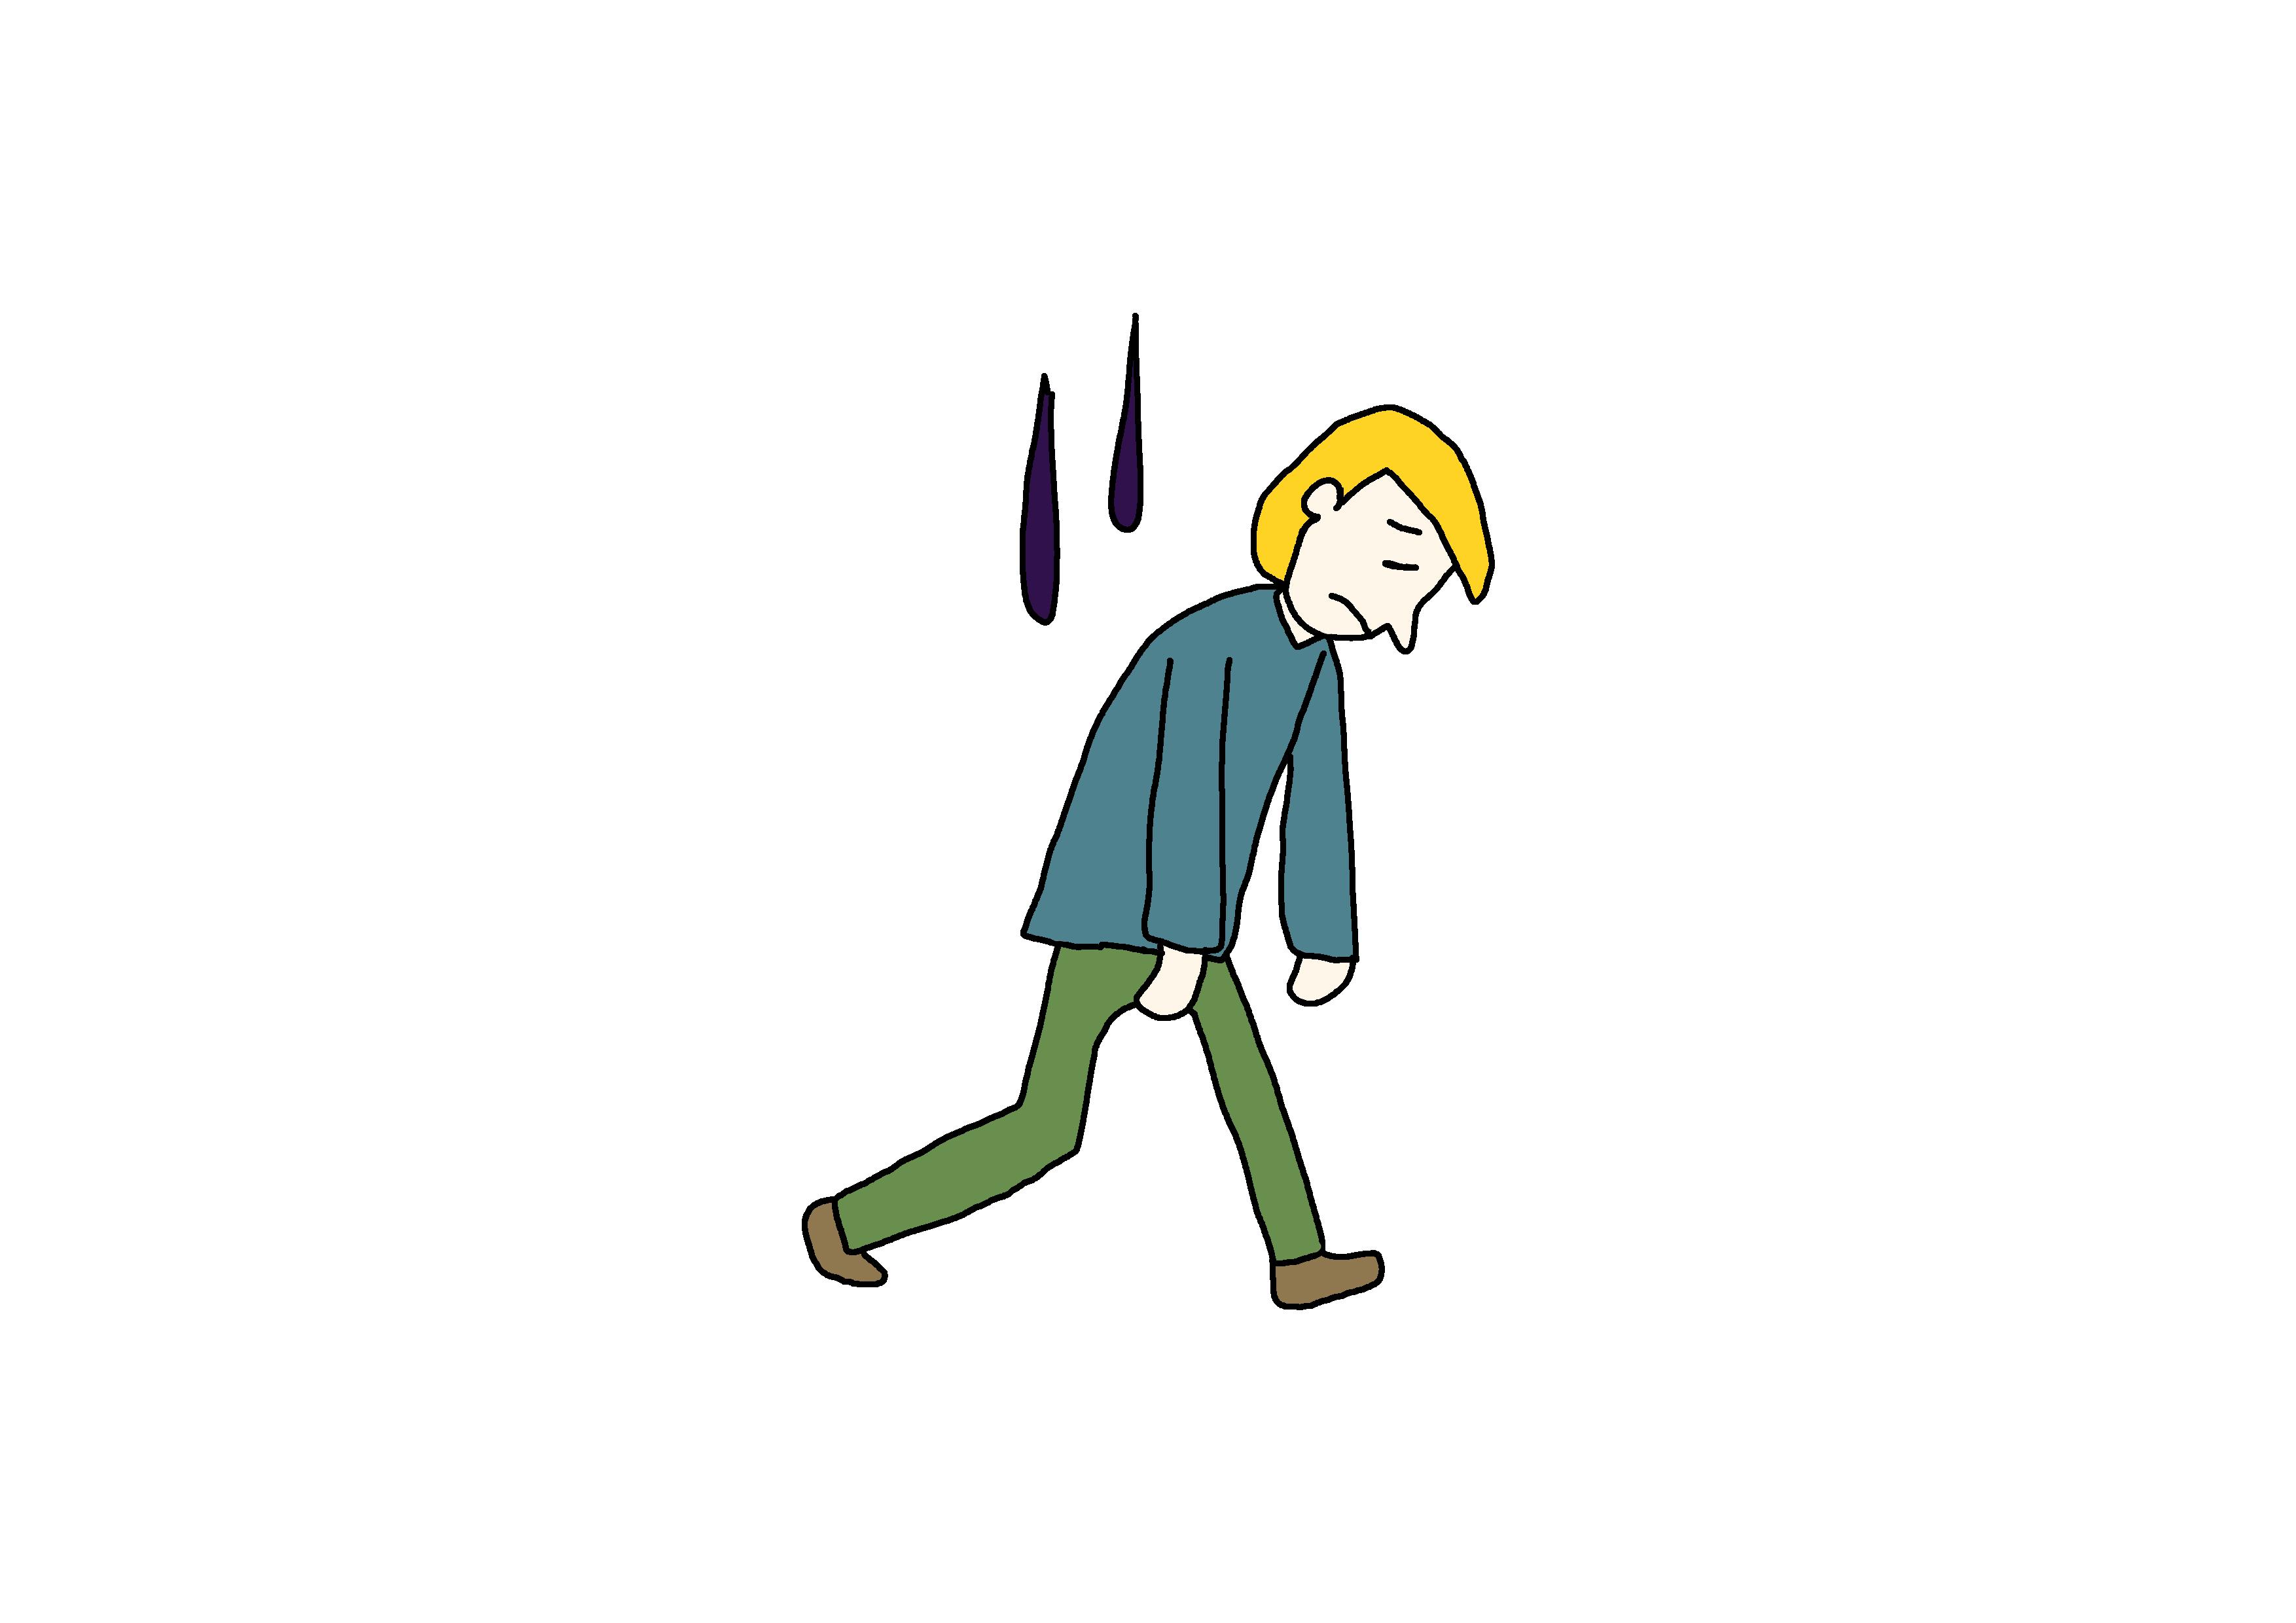 26課イラスト【気分が悪い】